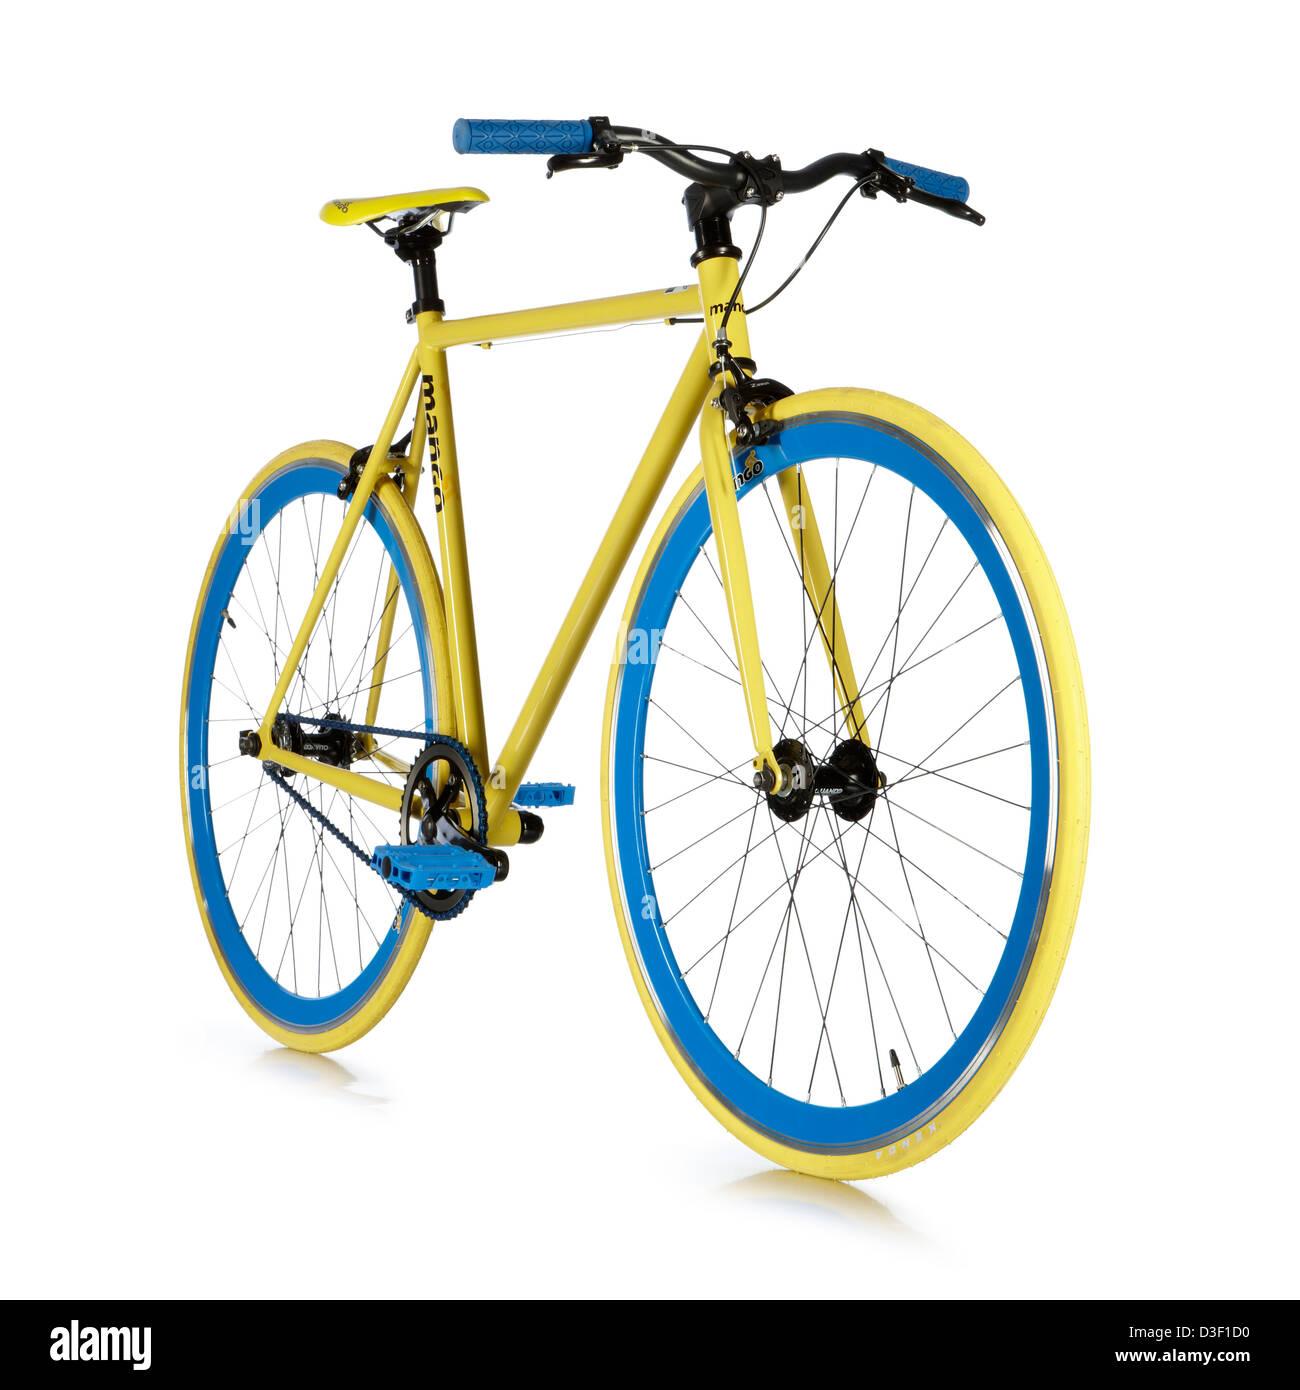 Singola velocità bicicletta giallo blu creazione personalizzata Immagini Stock